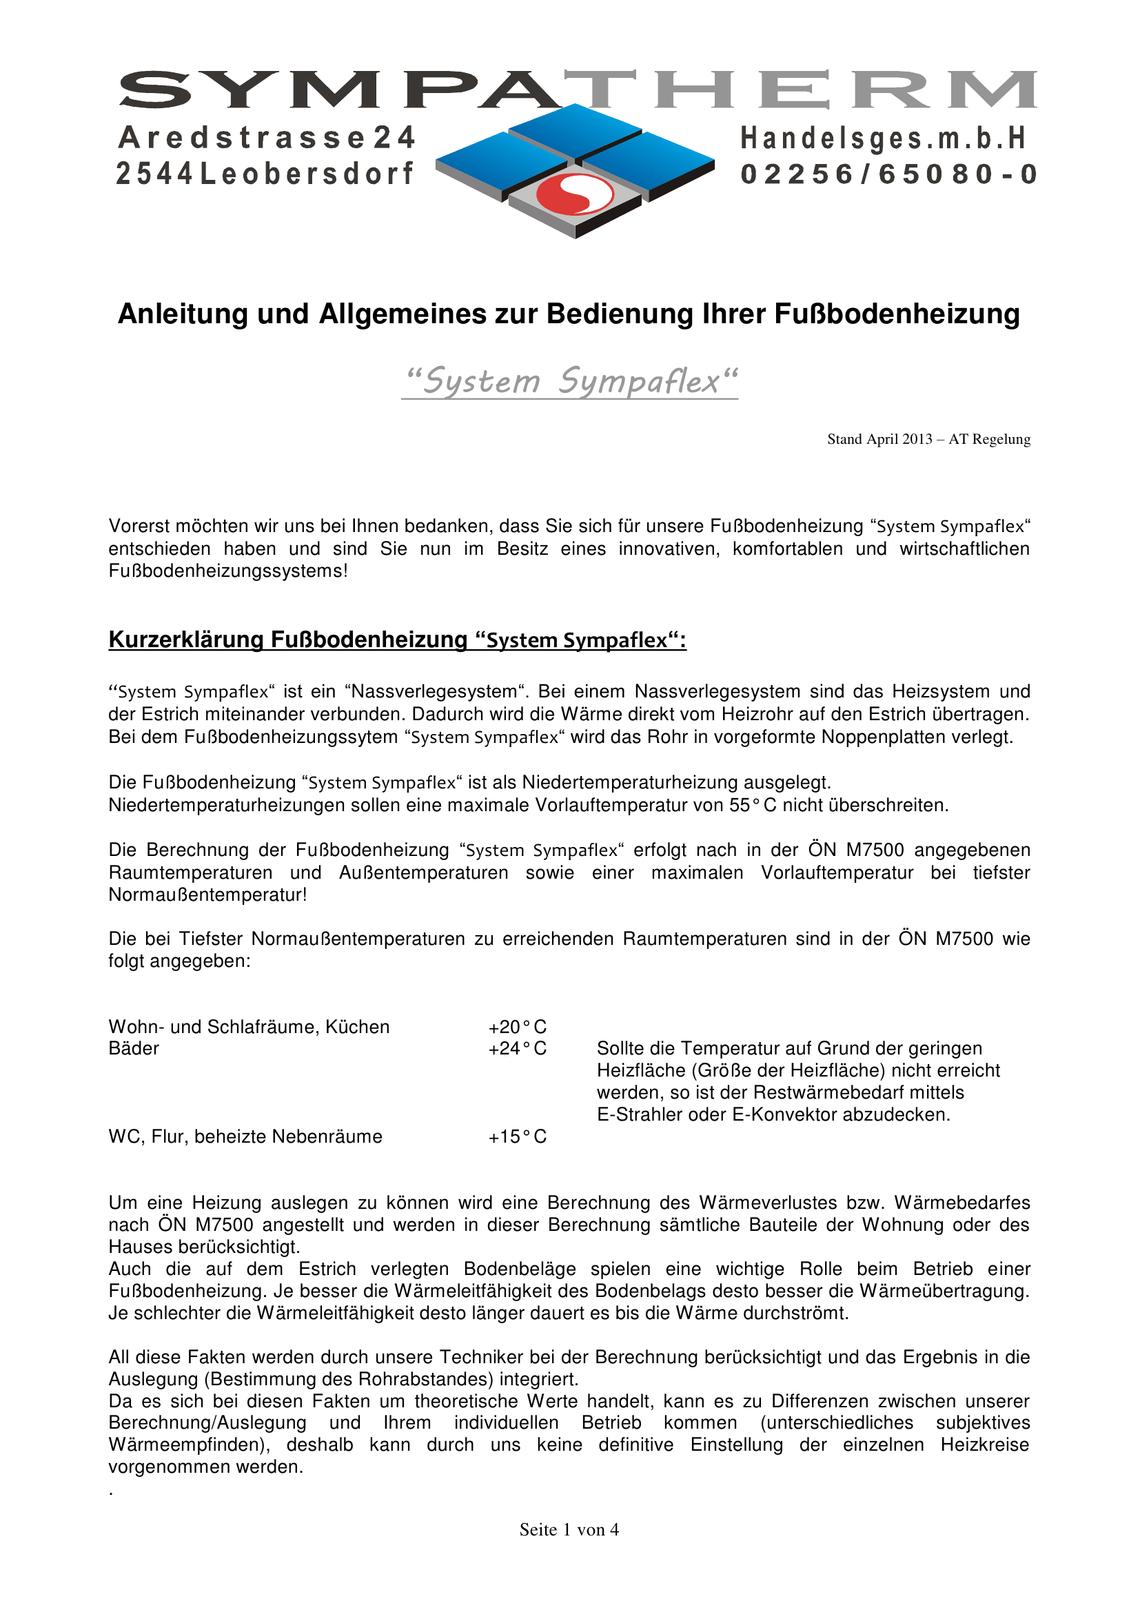 Fussbodenheizung Sympaflex ATR